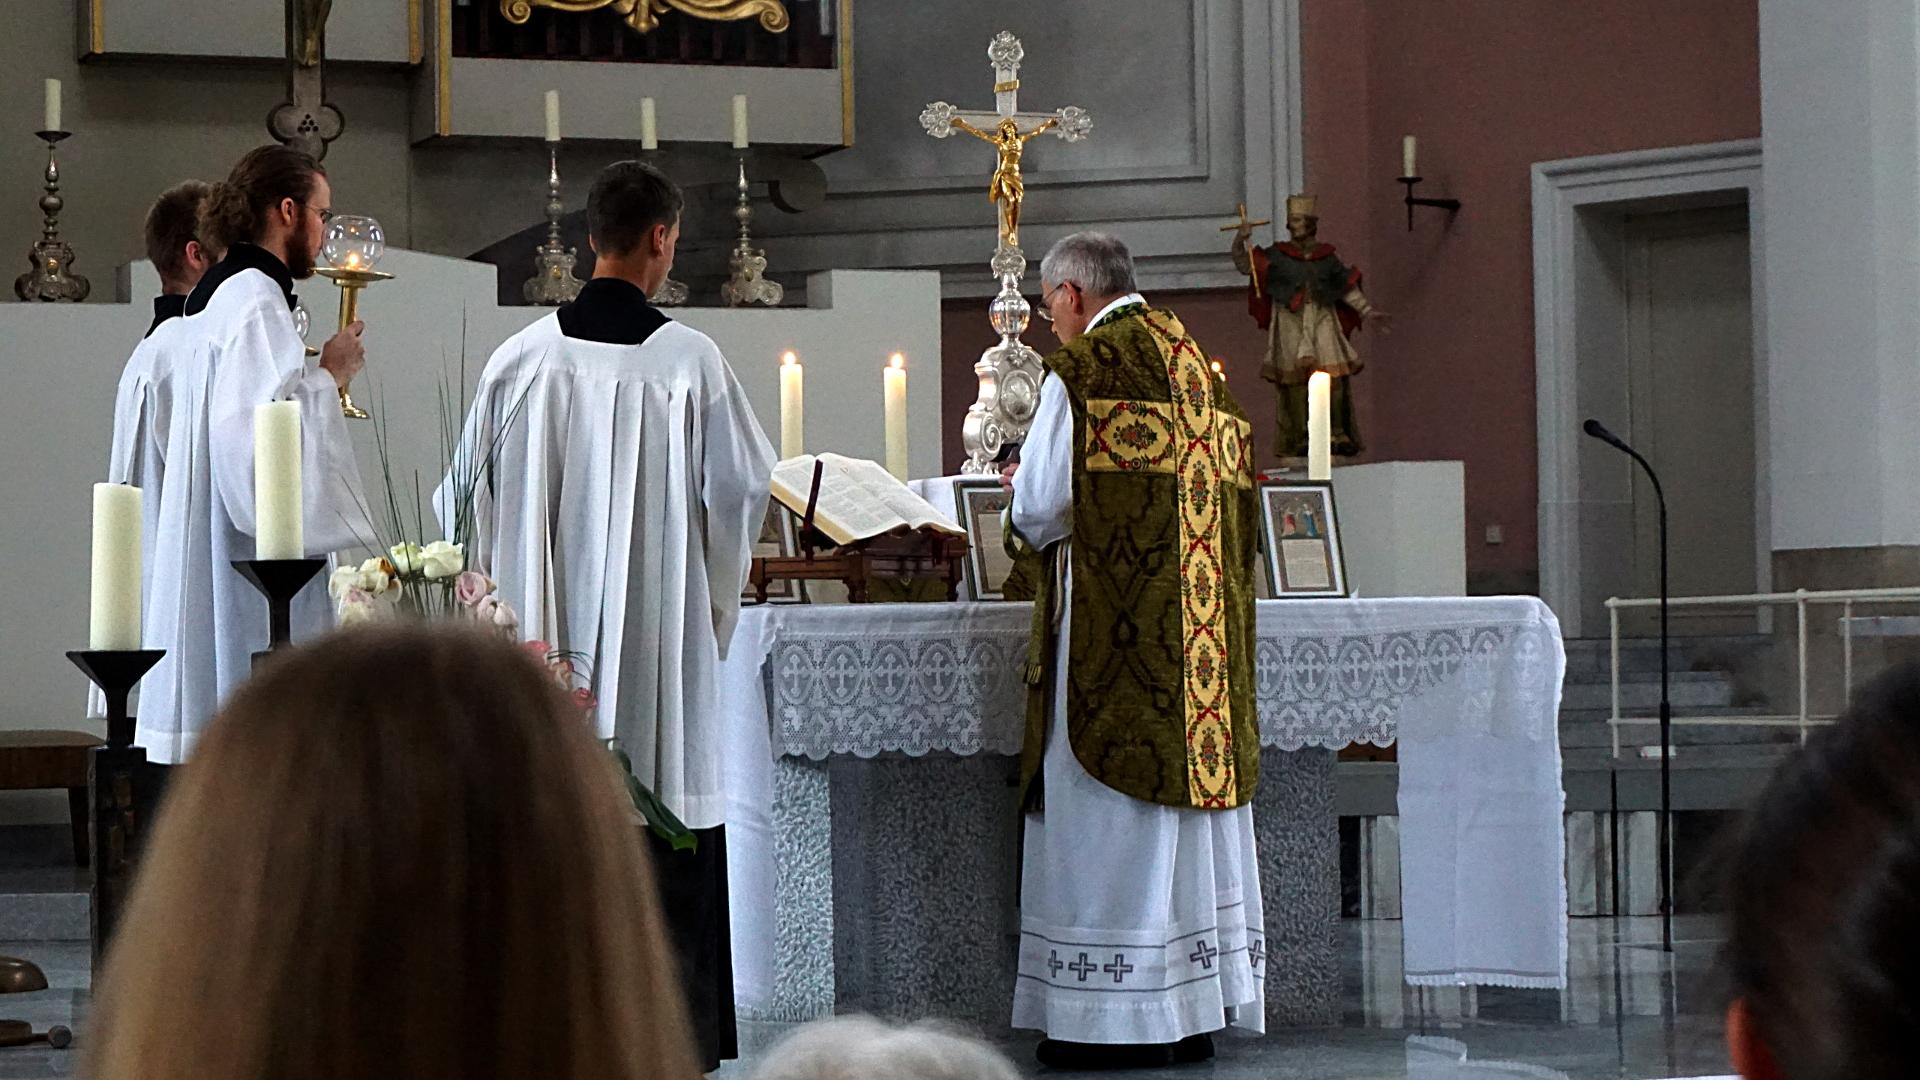 Verkündigung Evangelium Tridentinische Messe in St. Clemens, Hannover — Experiment